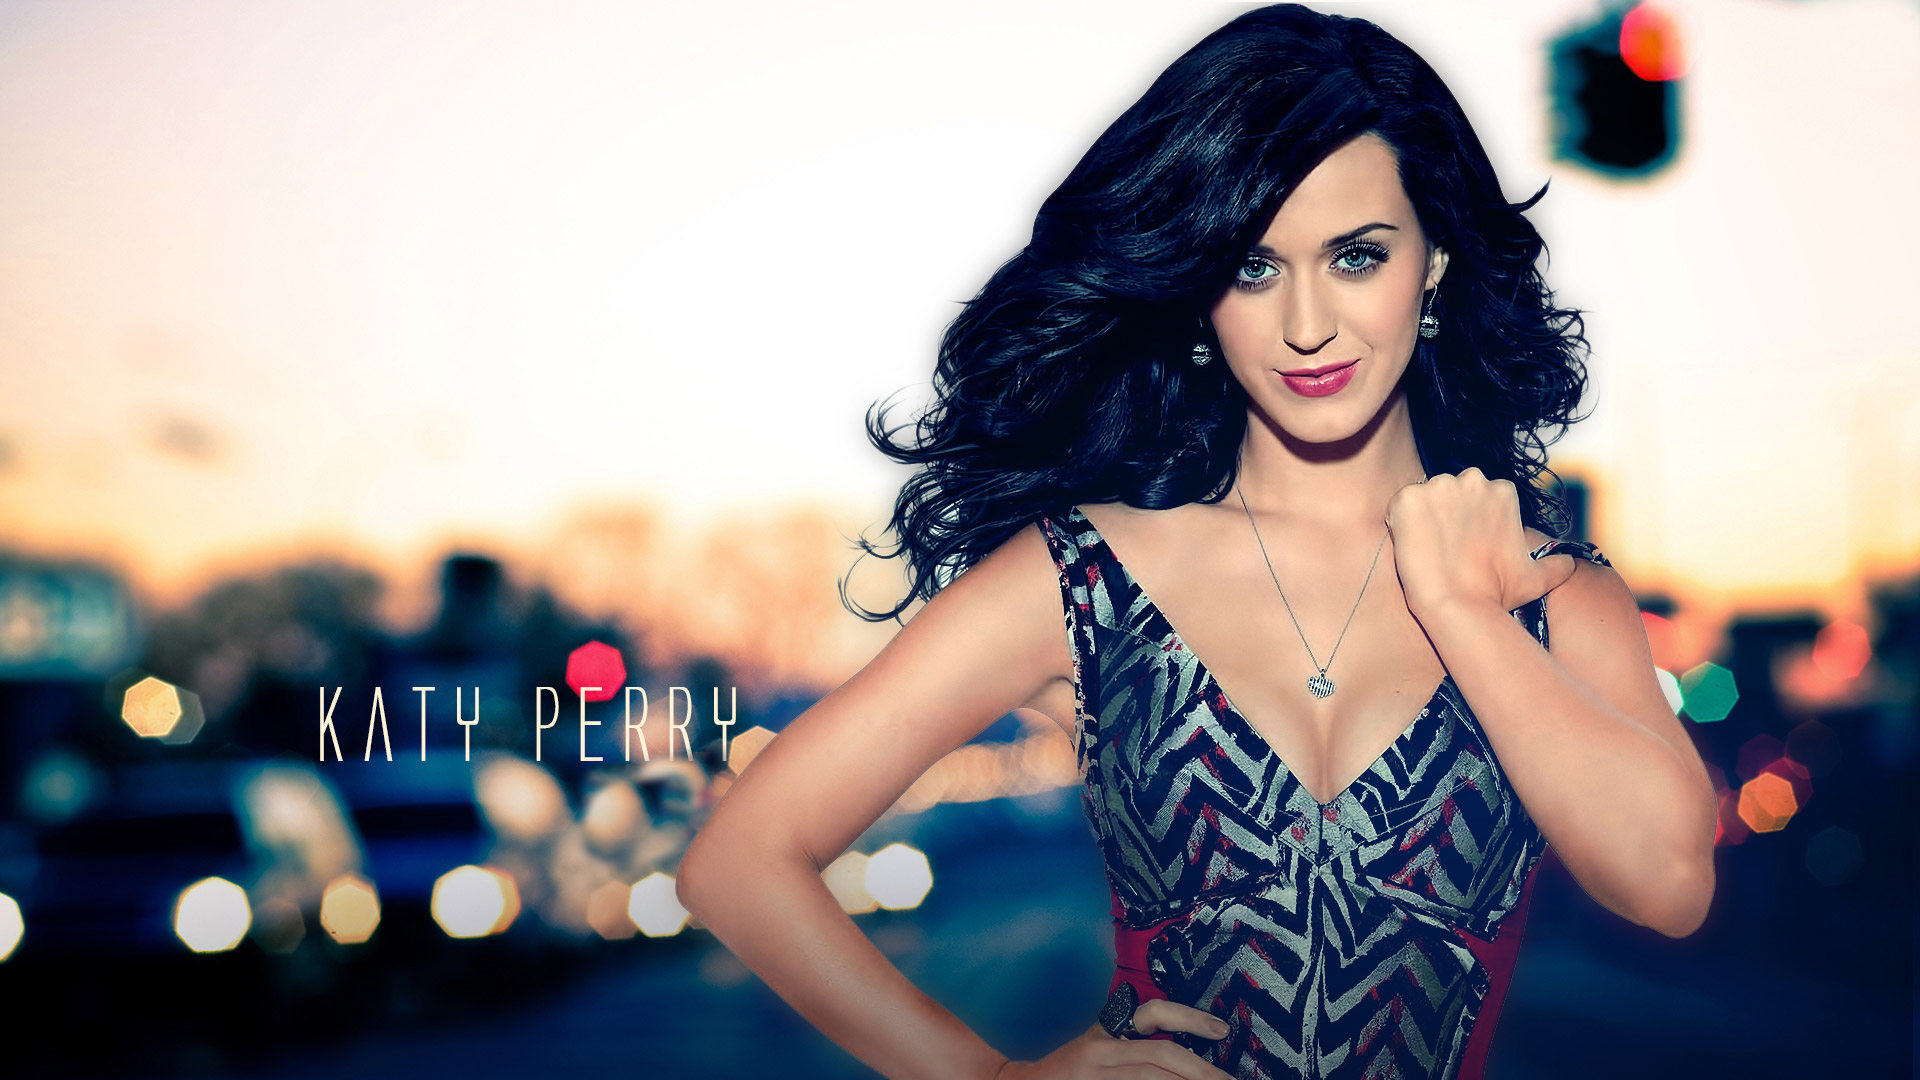 Katy perry iphone wallpaper tumblr - Download Original